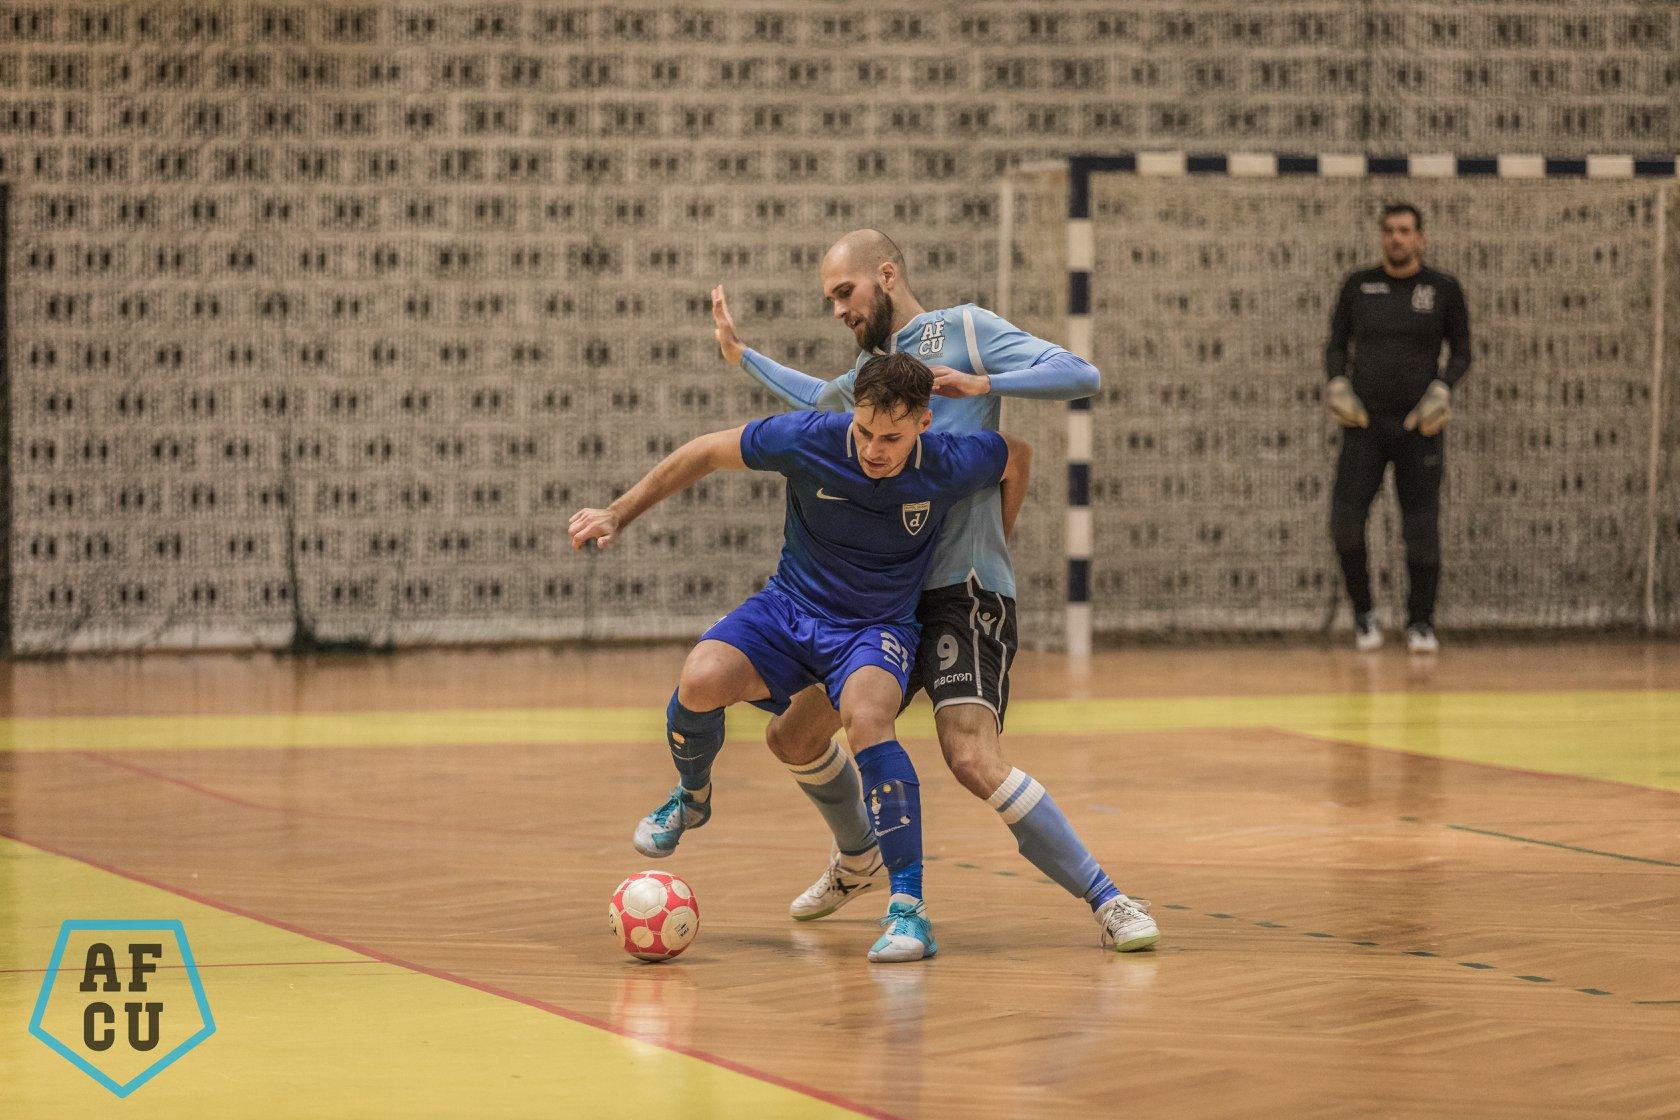 Izravni prijenos Dinamo AFCU